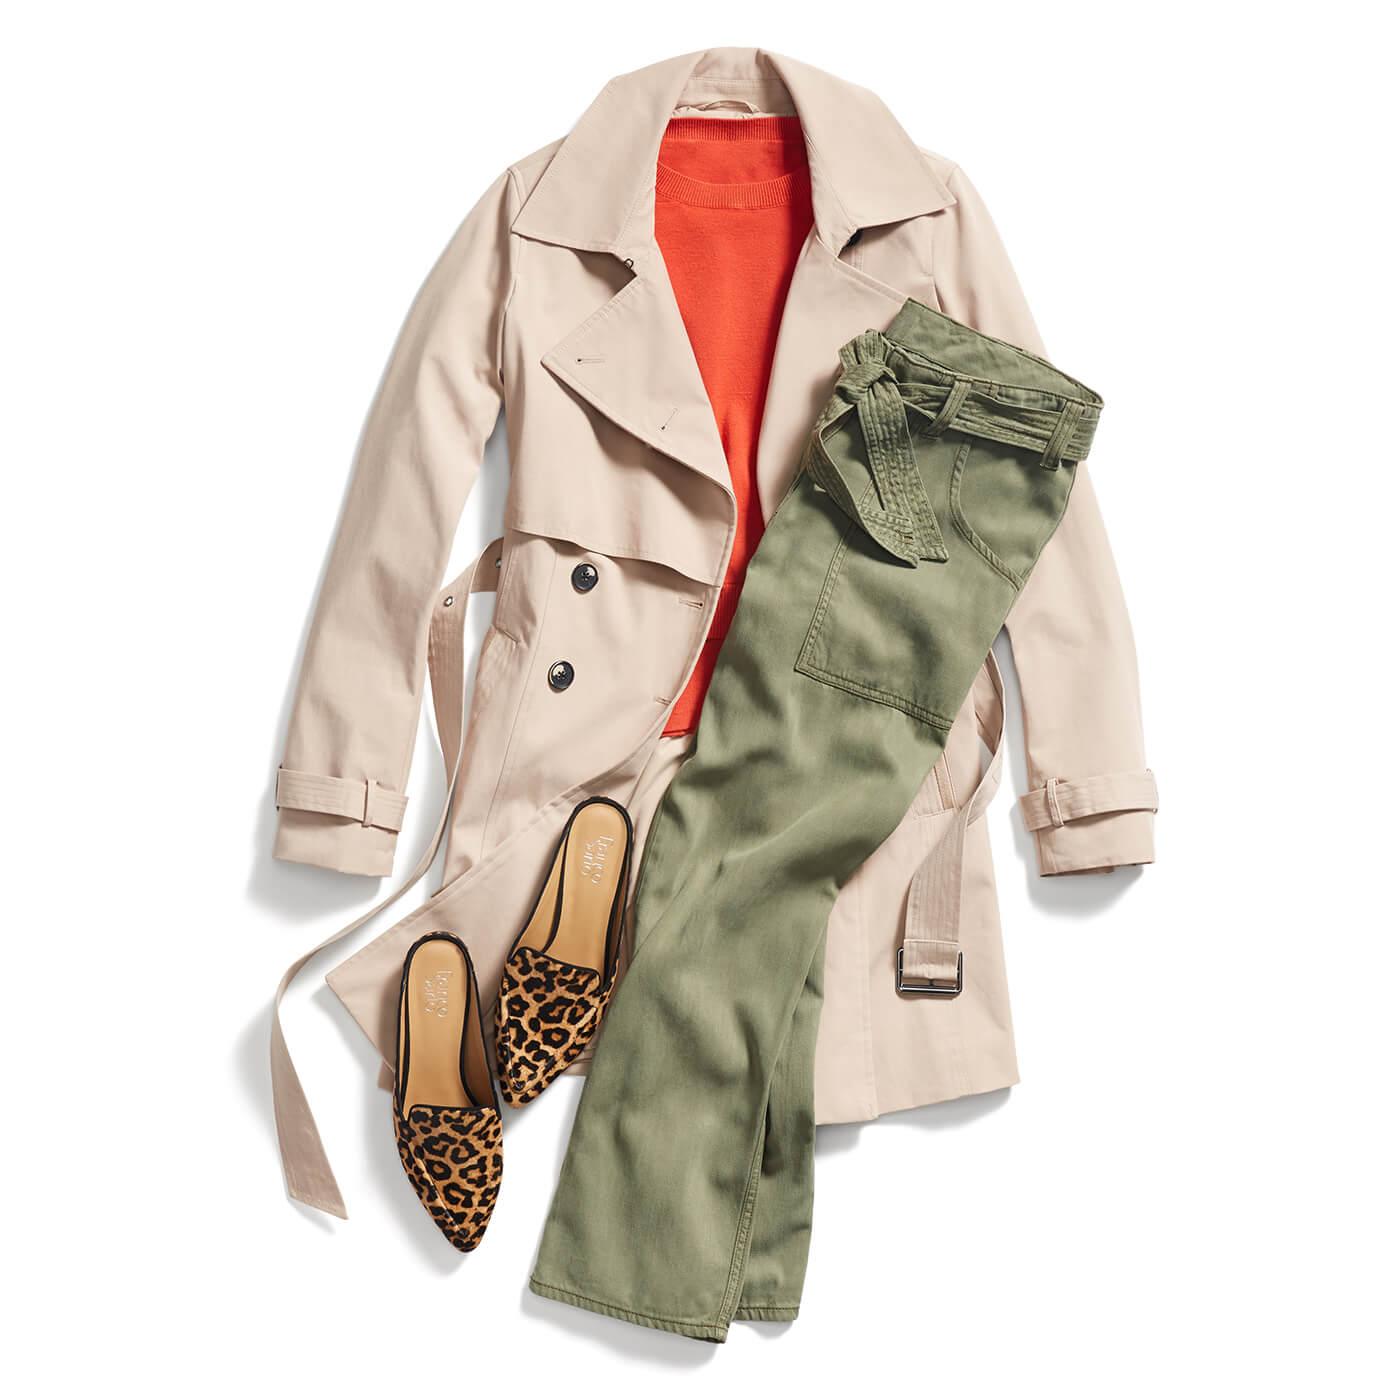 green-olive-skinny-jeans-orange-sweater-tan-shoe-pumps-leopard-print-tan-jacket-coat-trench-fall-winter-weekend.jpg